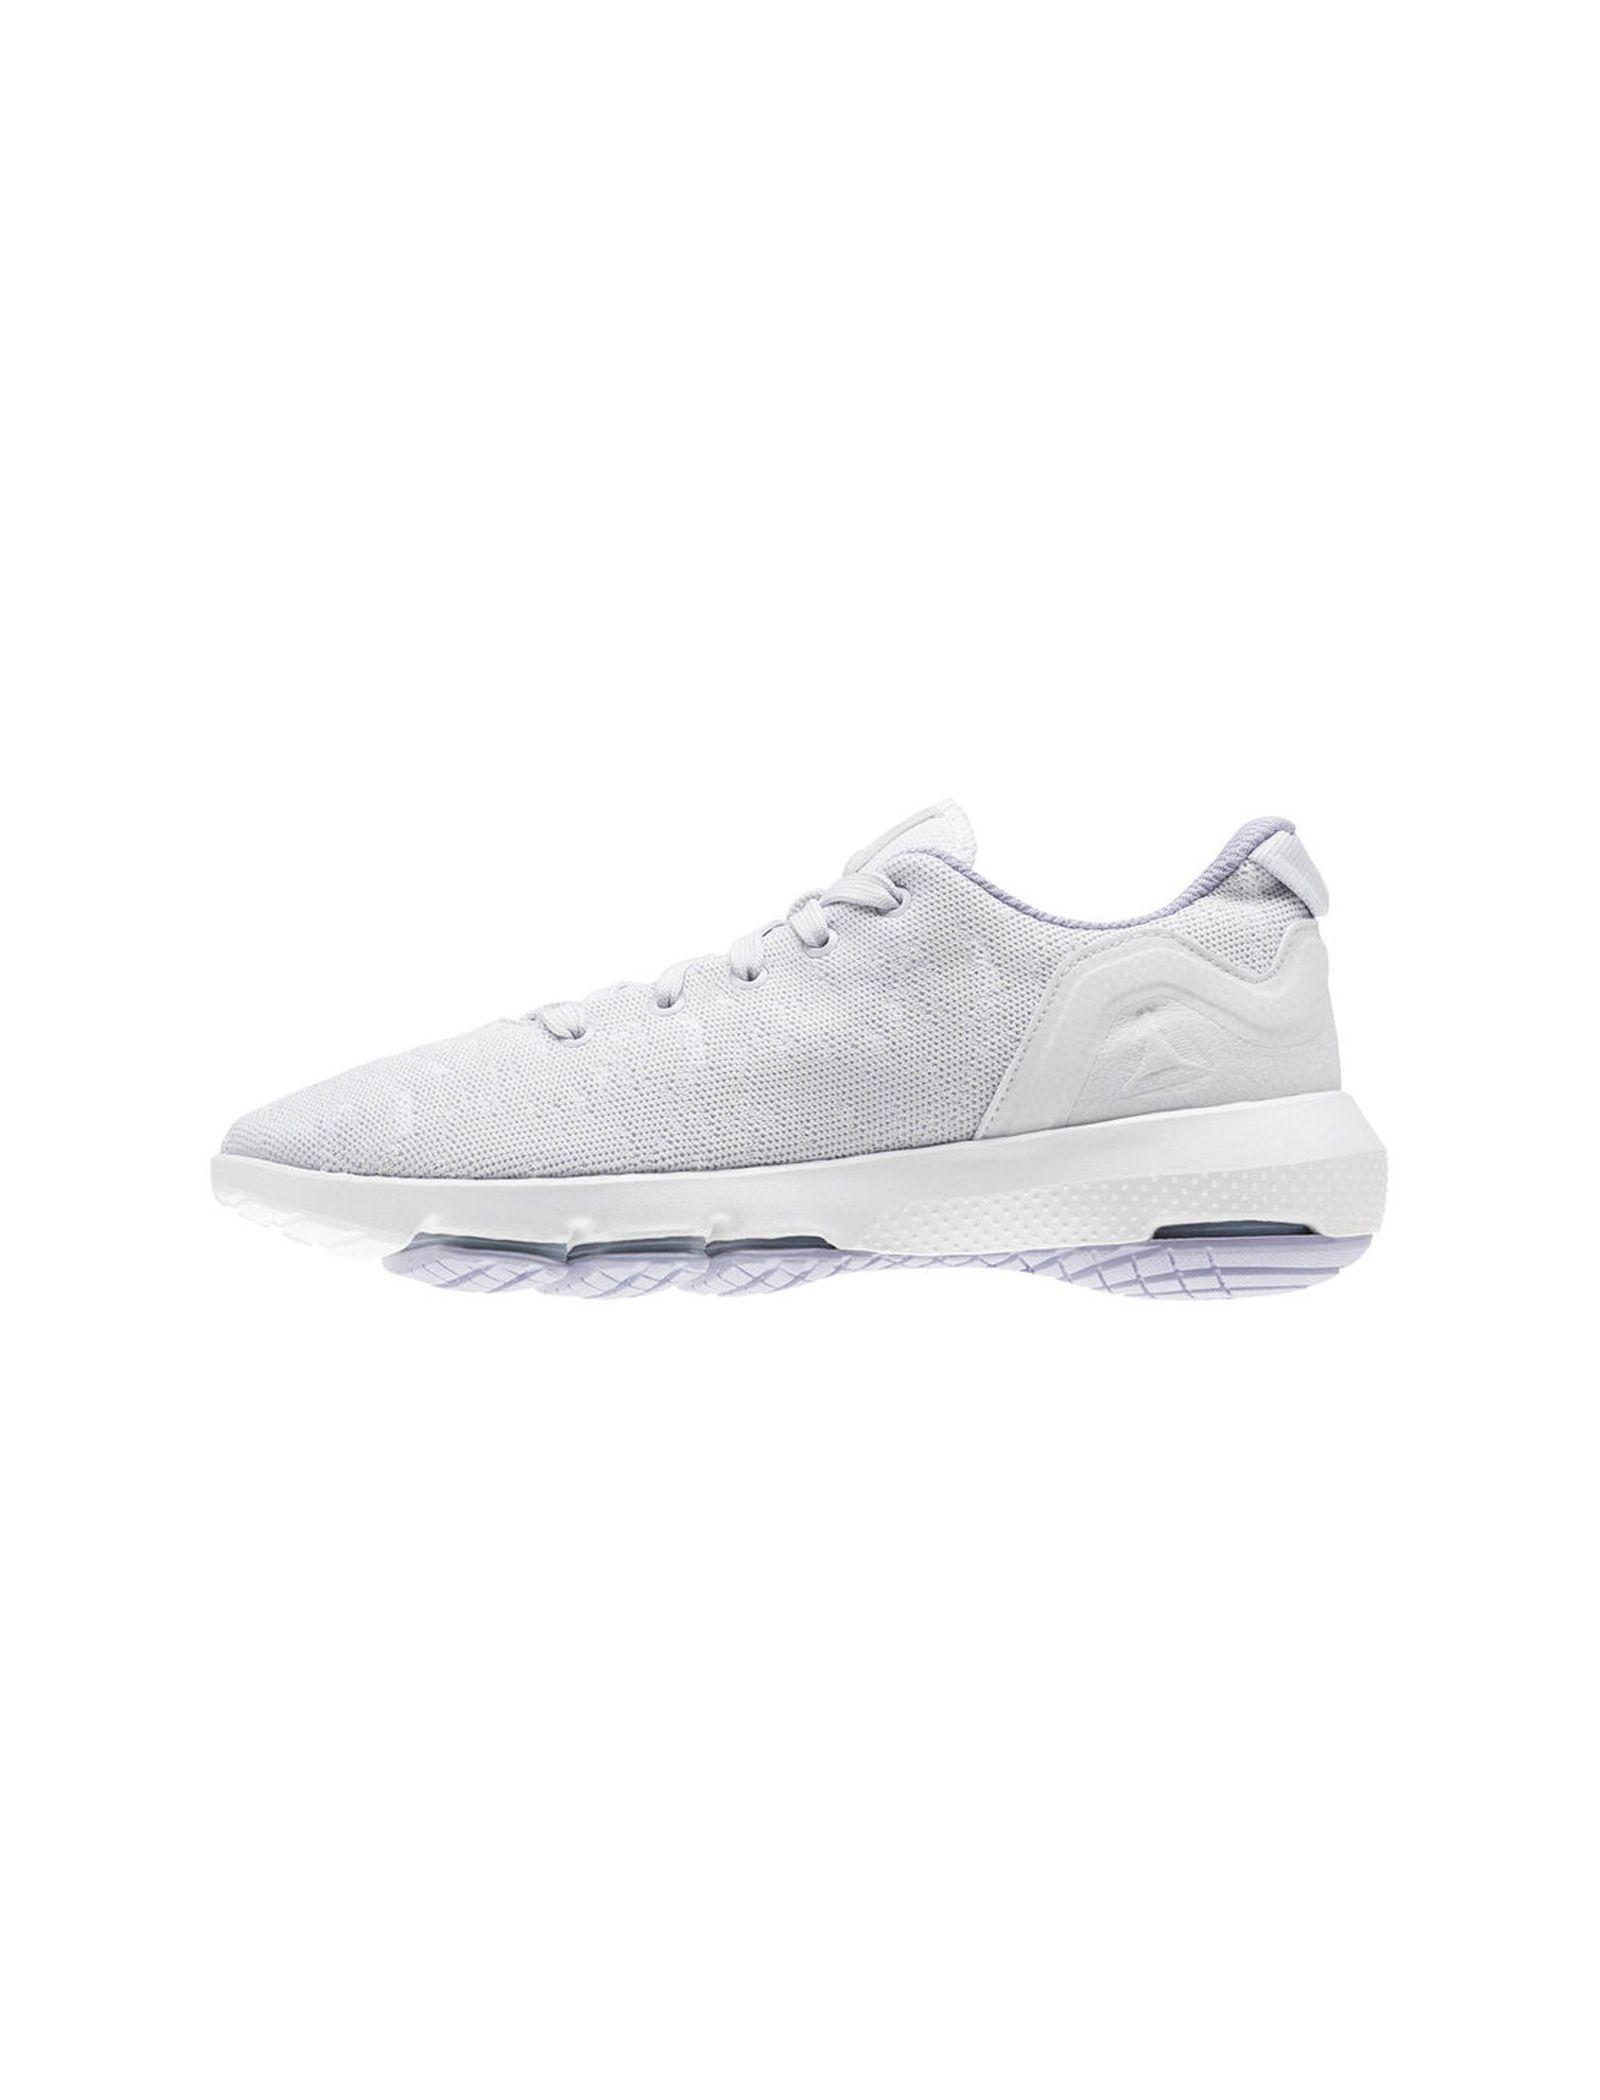 کفش پیاده روی بندی زنانه - ریباک - سفيد - 2